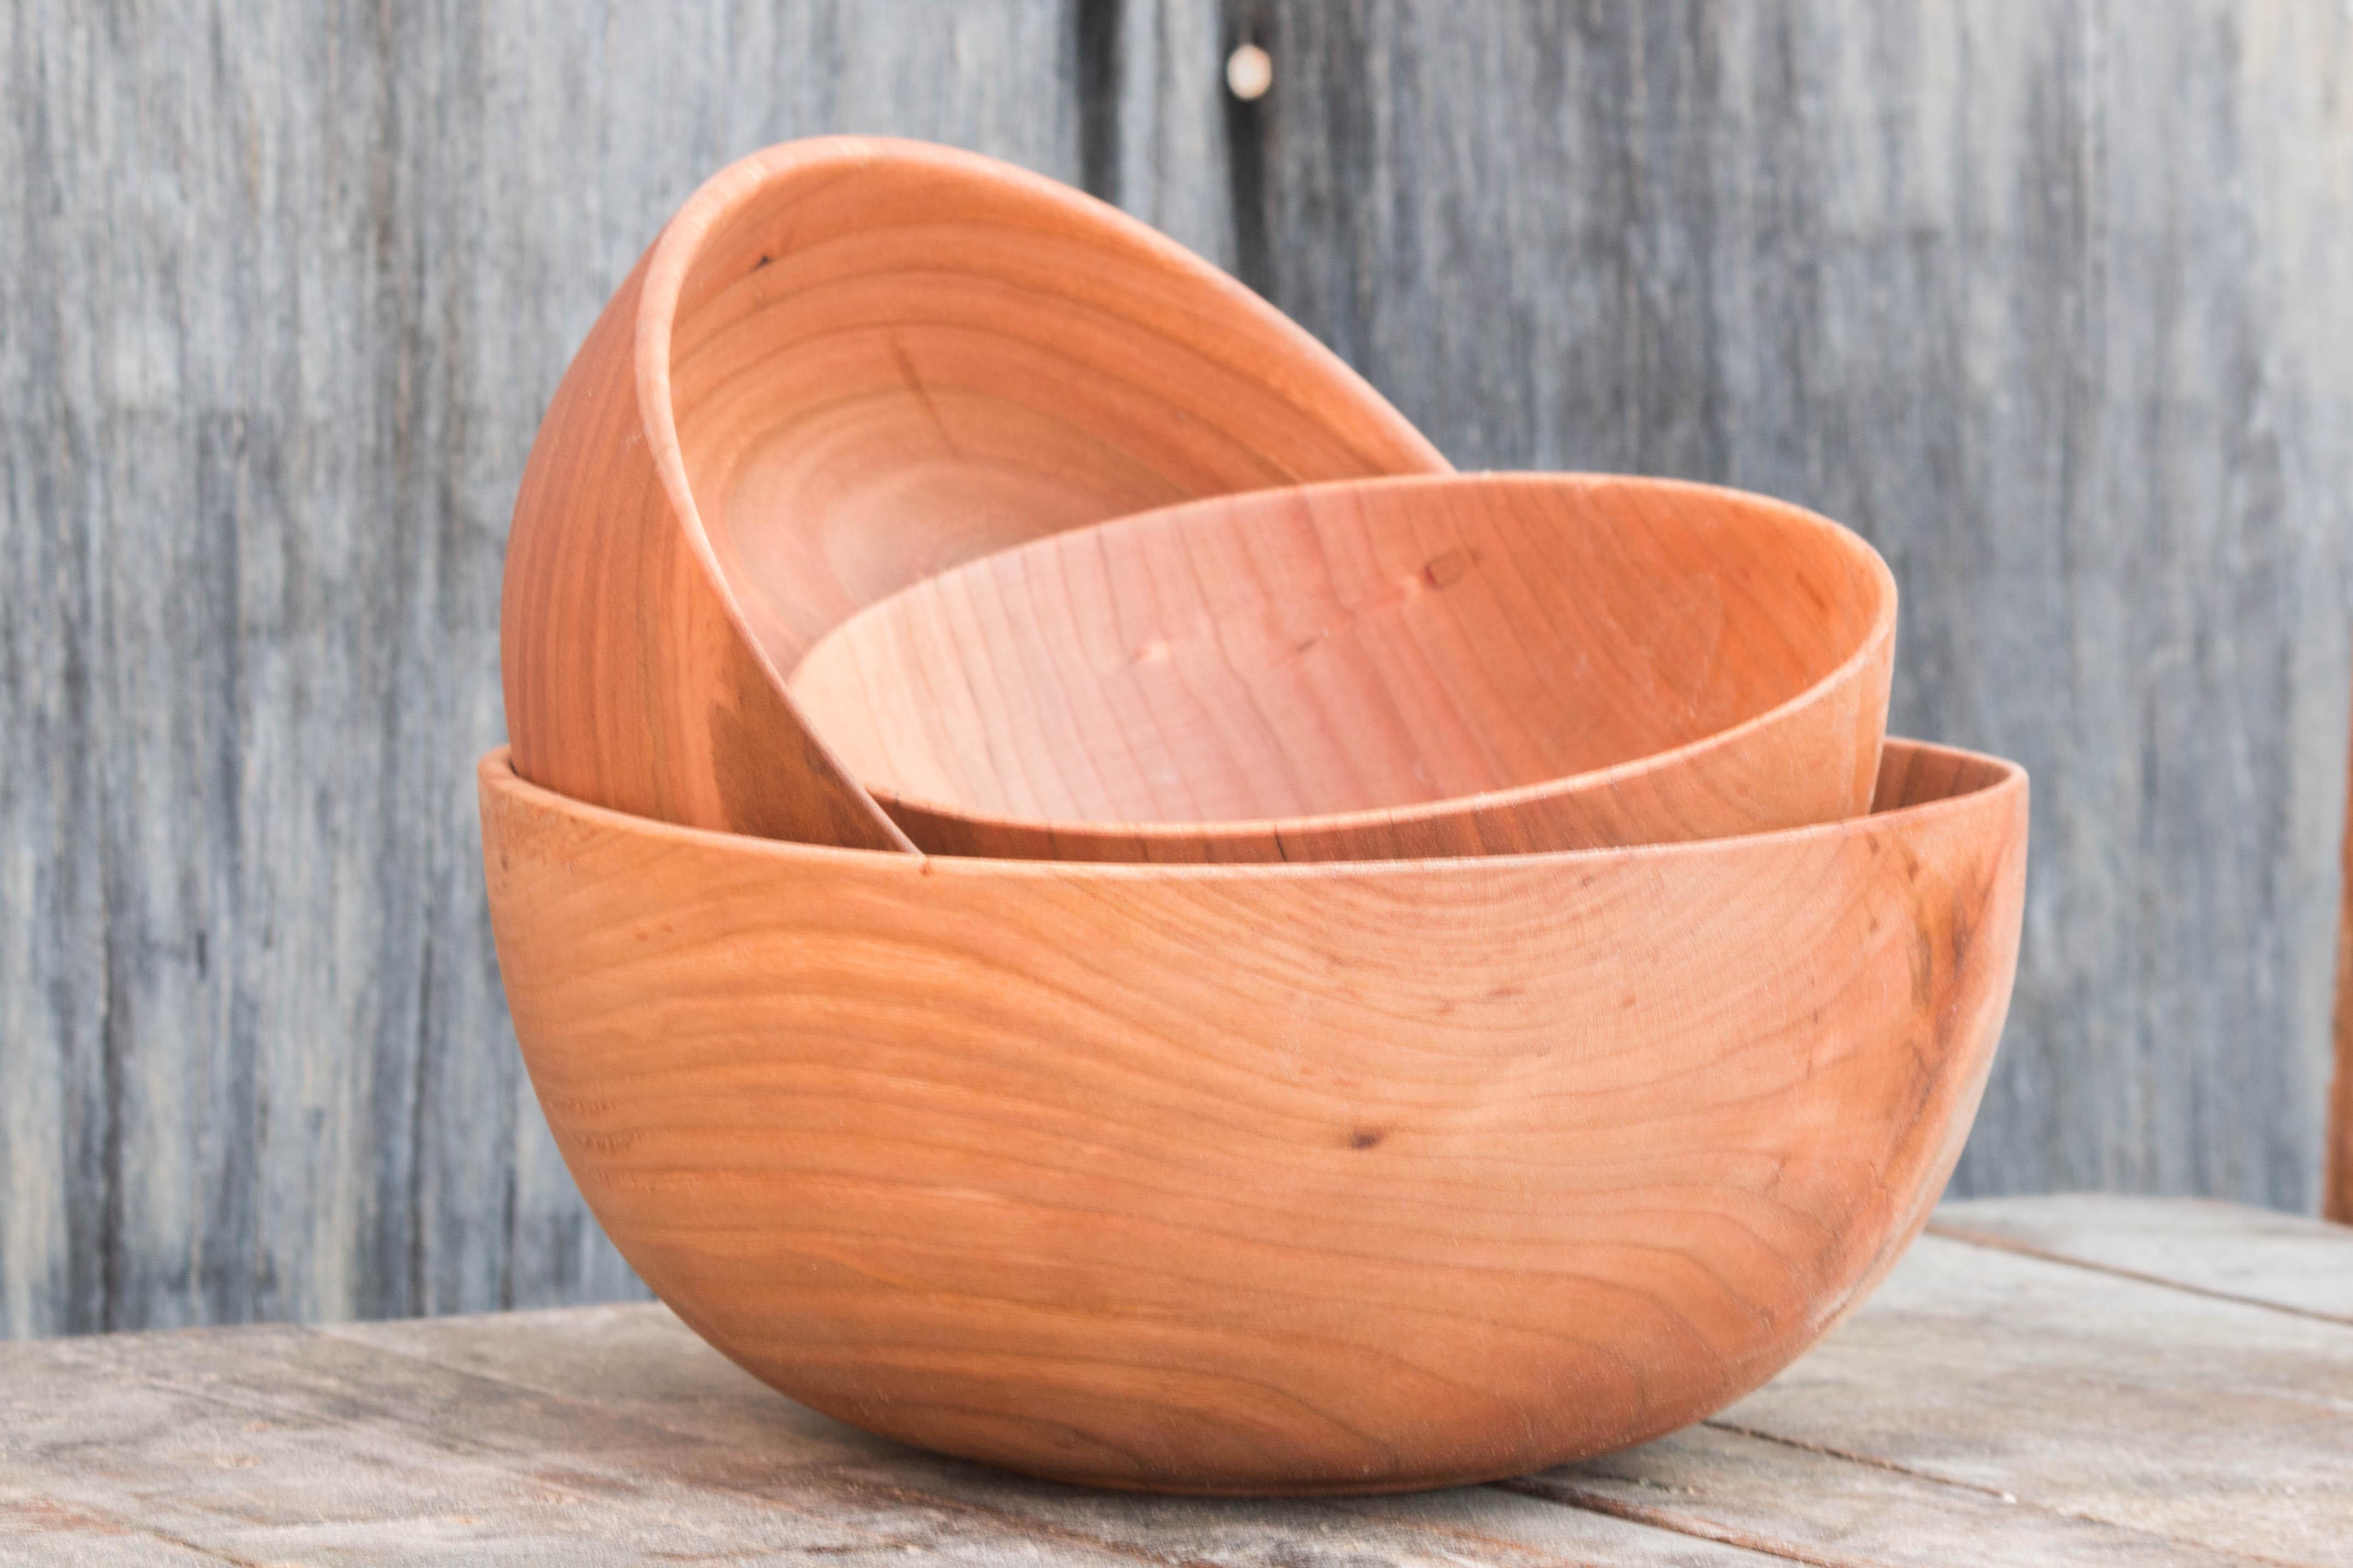 custom bowl turning